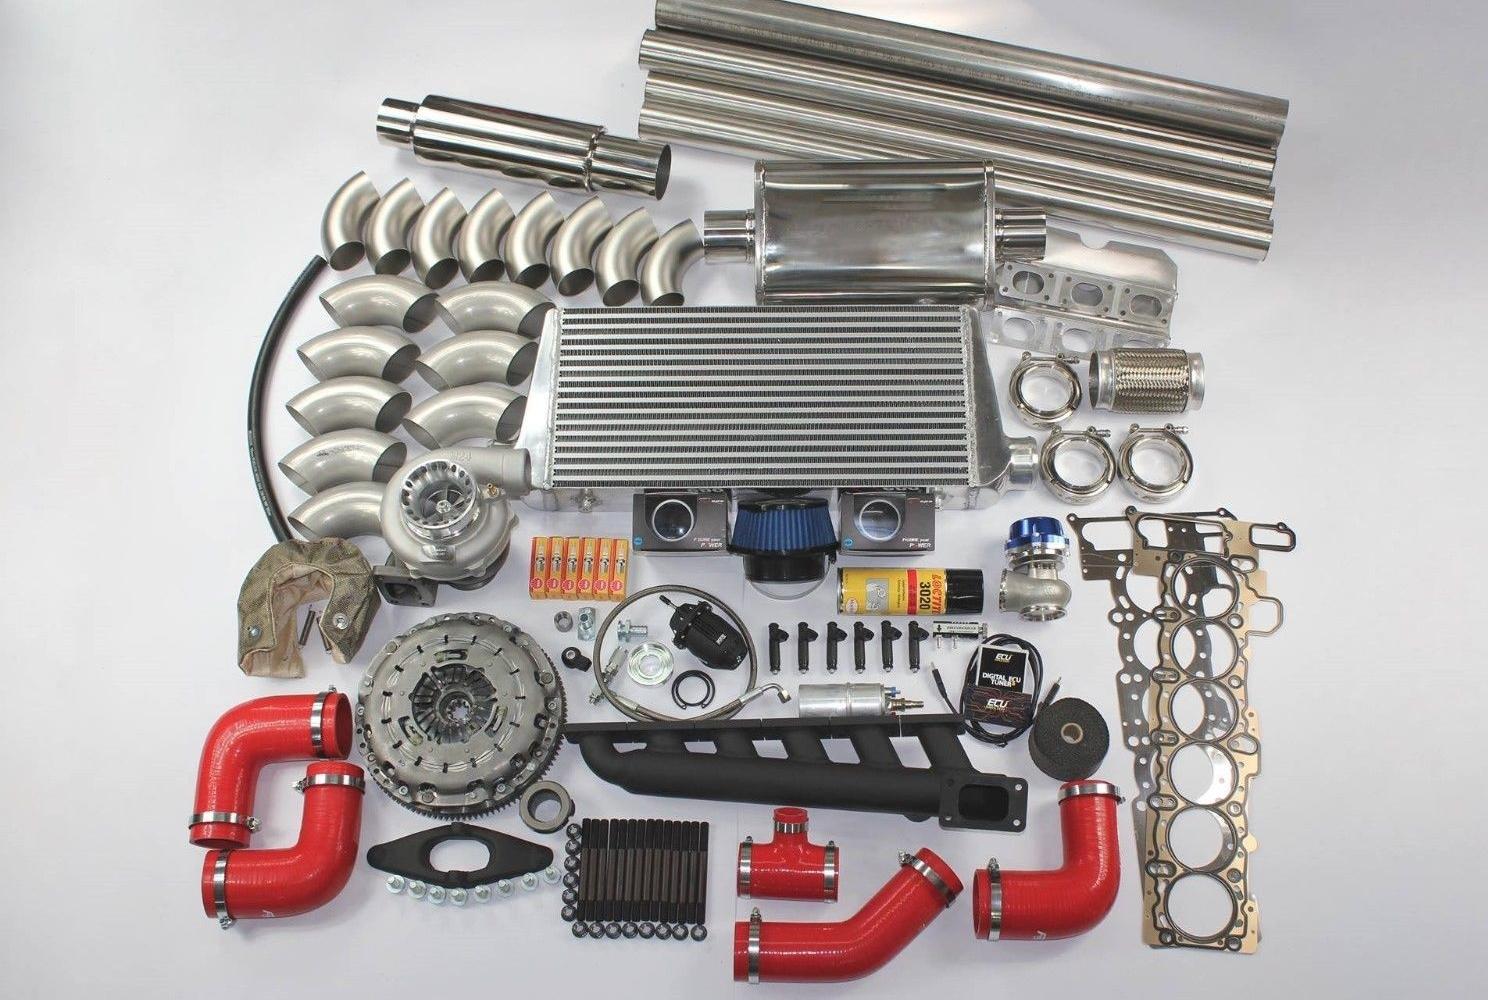 bmw m50 and m52 turbo kit no ecu [ 1488 x 1000 Pixel ]